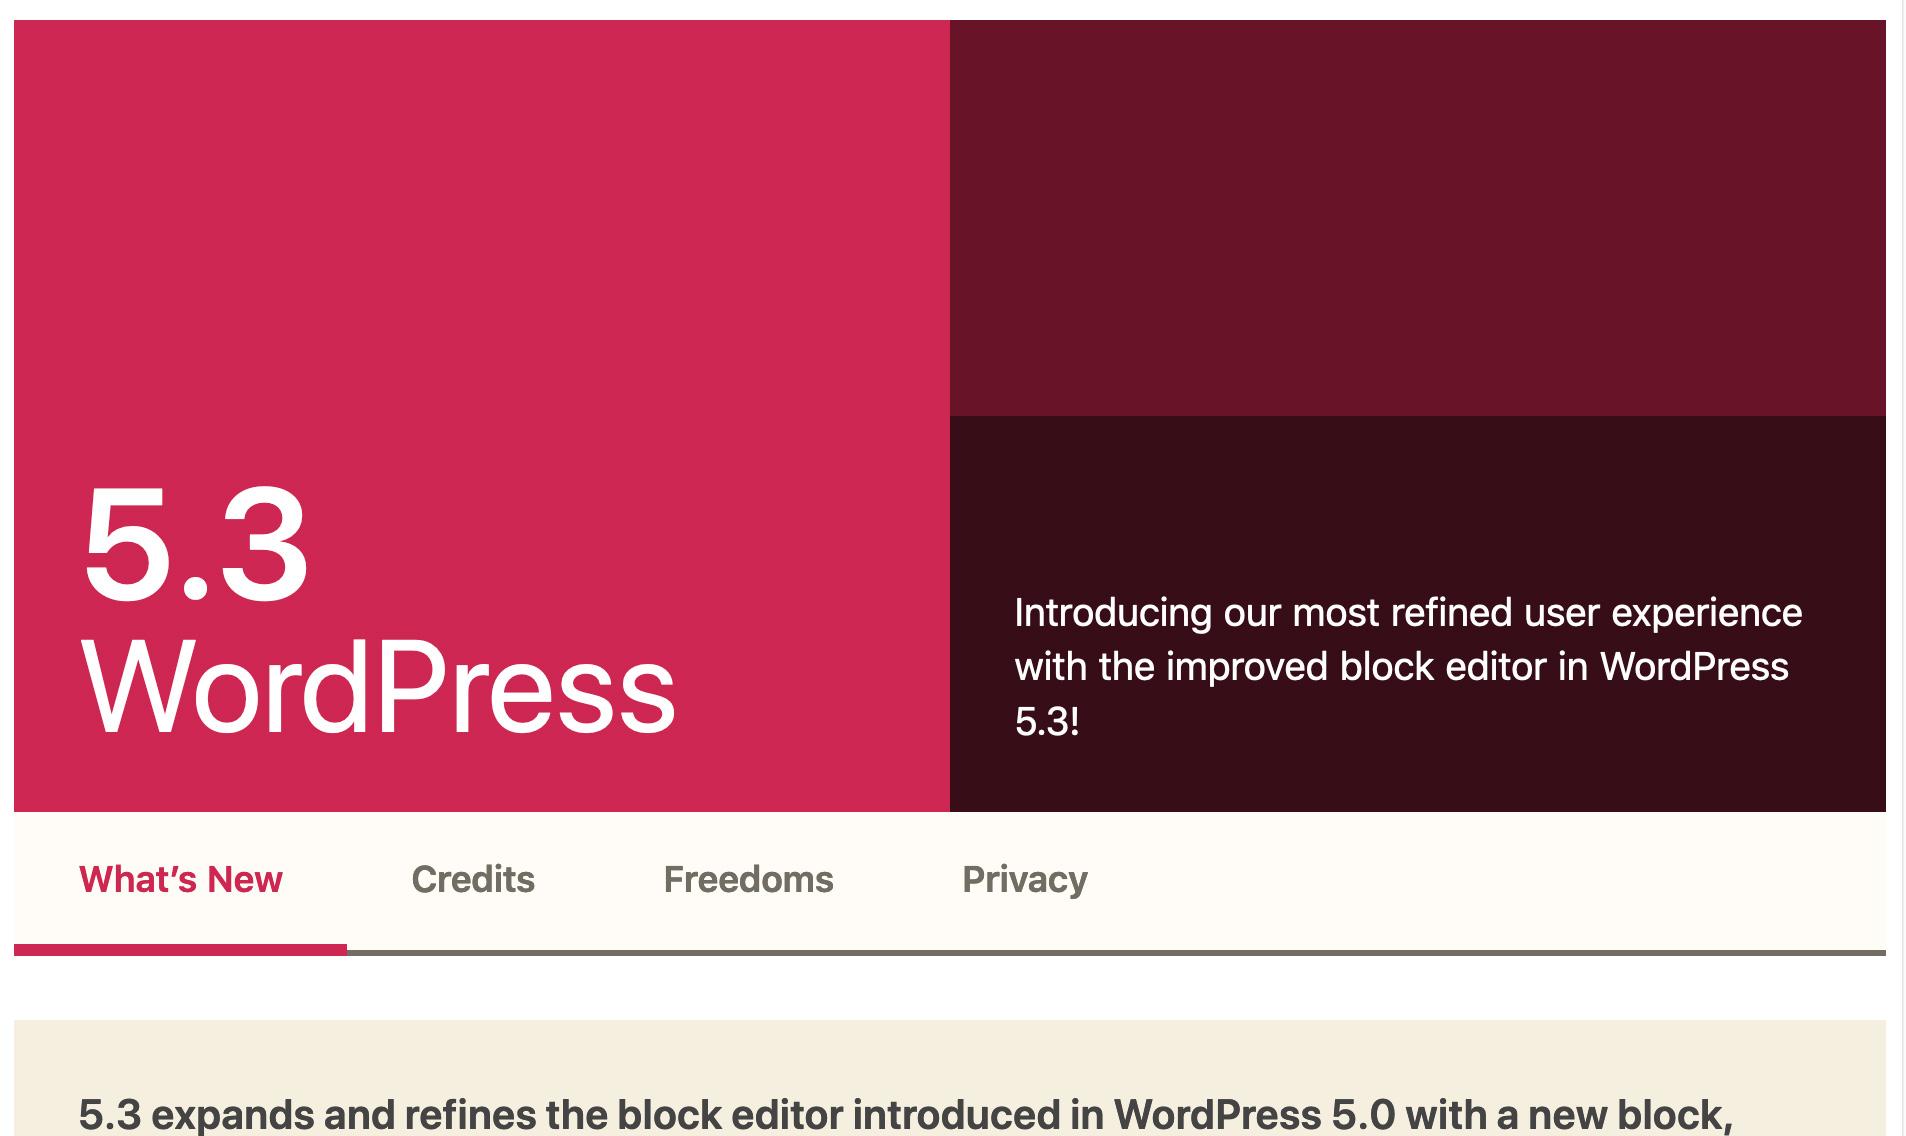 wordpress 2020 kirk updtate 5-3 latest WordPress revolution